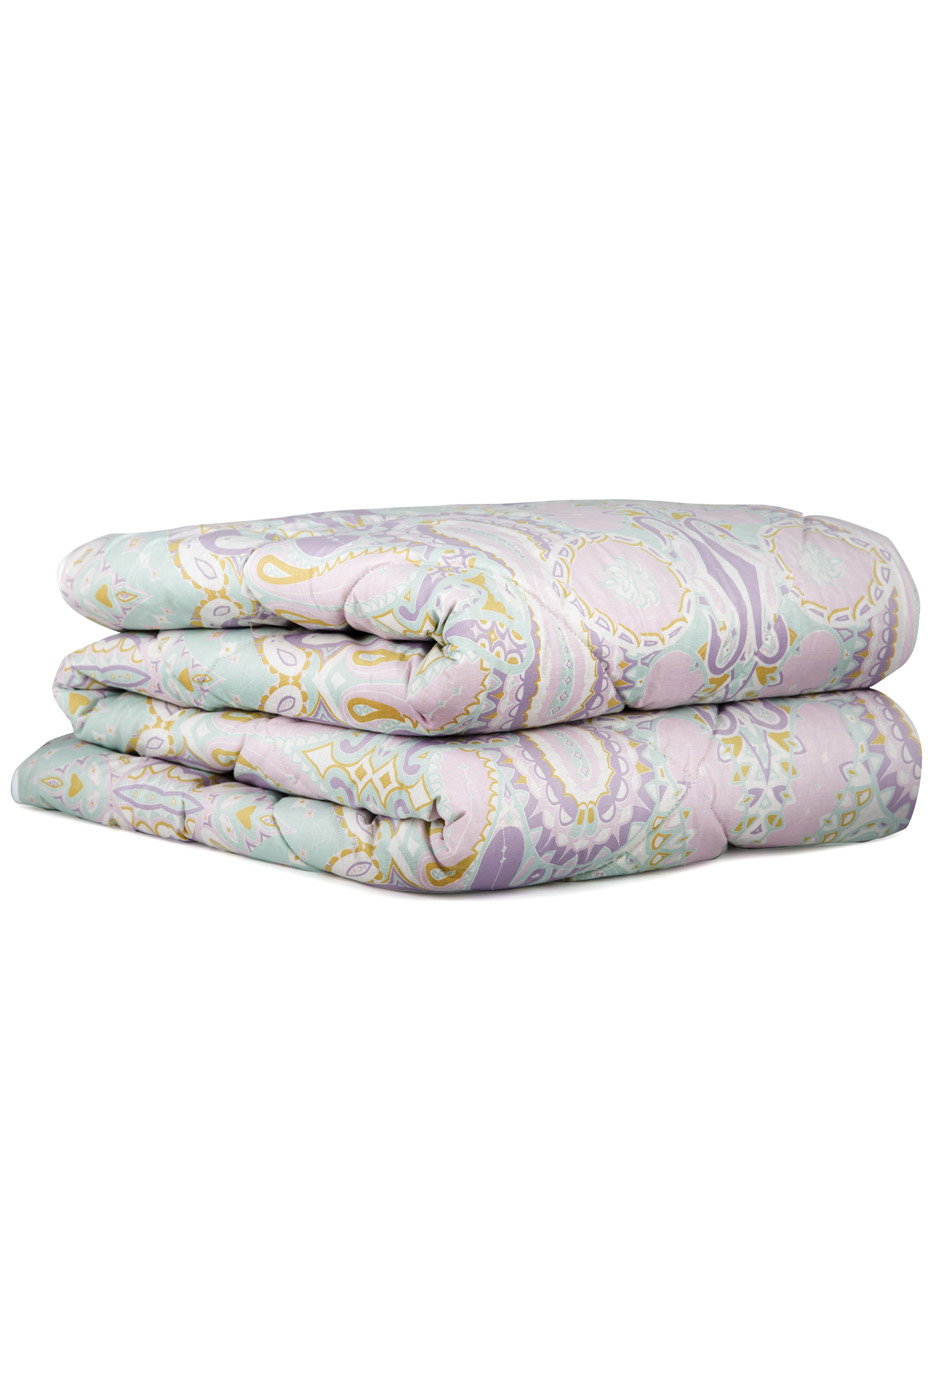 где купить Одеяла CLASSIC by T Одеяло Марракеш Всесезонное (200х210 см) по лучшей цене